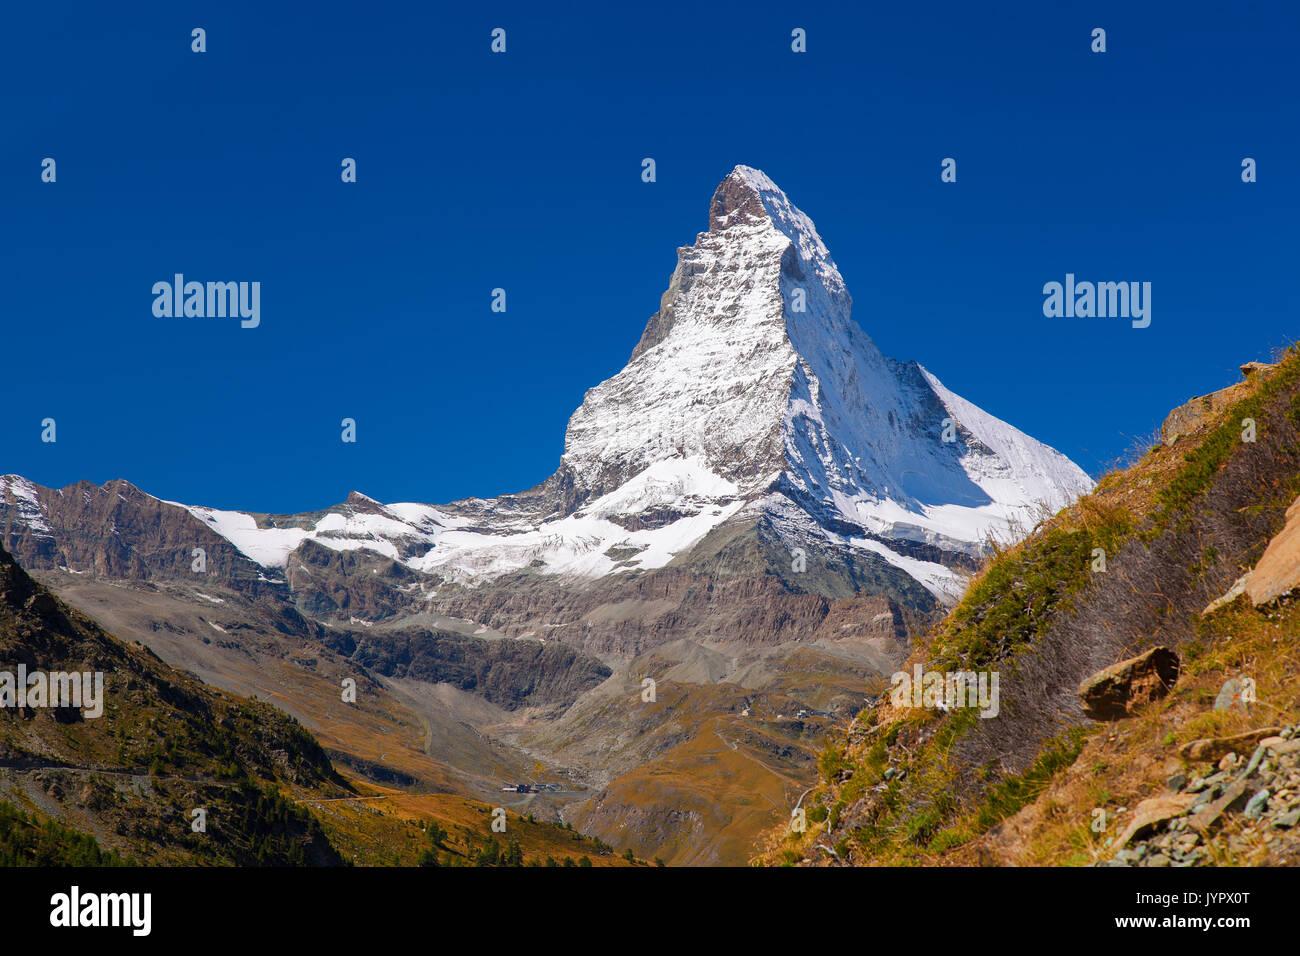 Matterhorn Gipfel gegen den blauen Himmel in den Schweizer Alpen, Zermatt Bereich Stockbild